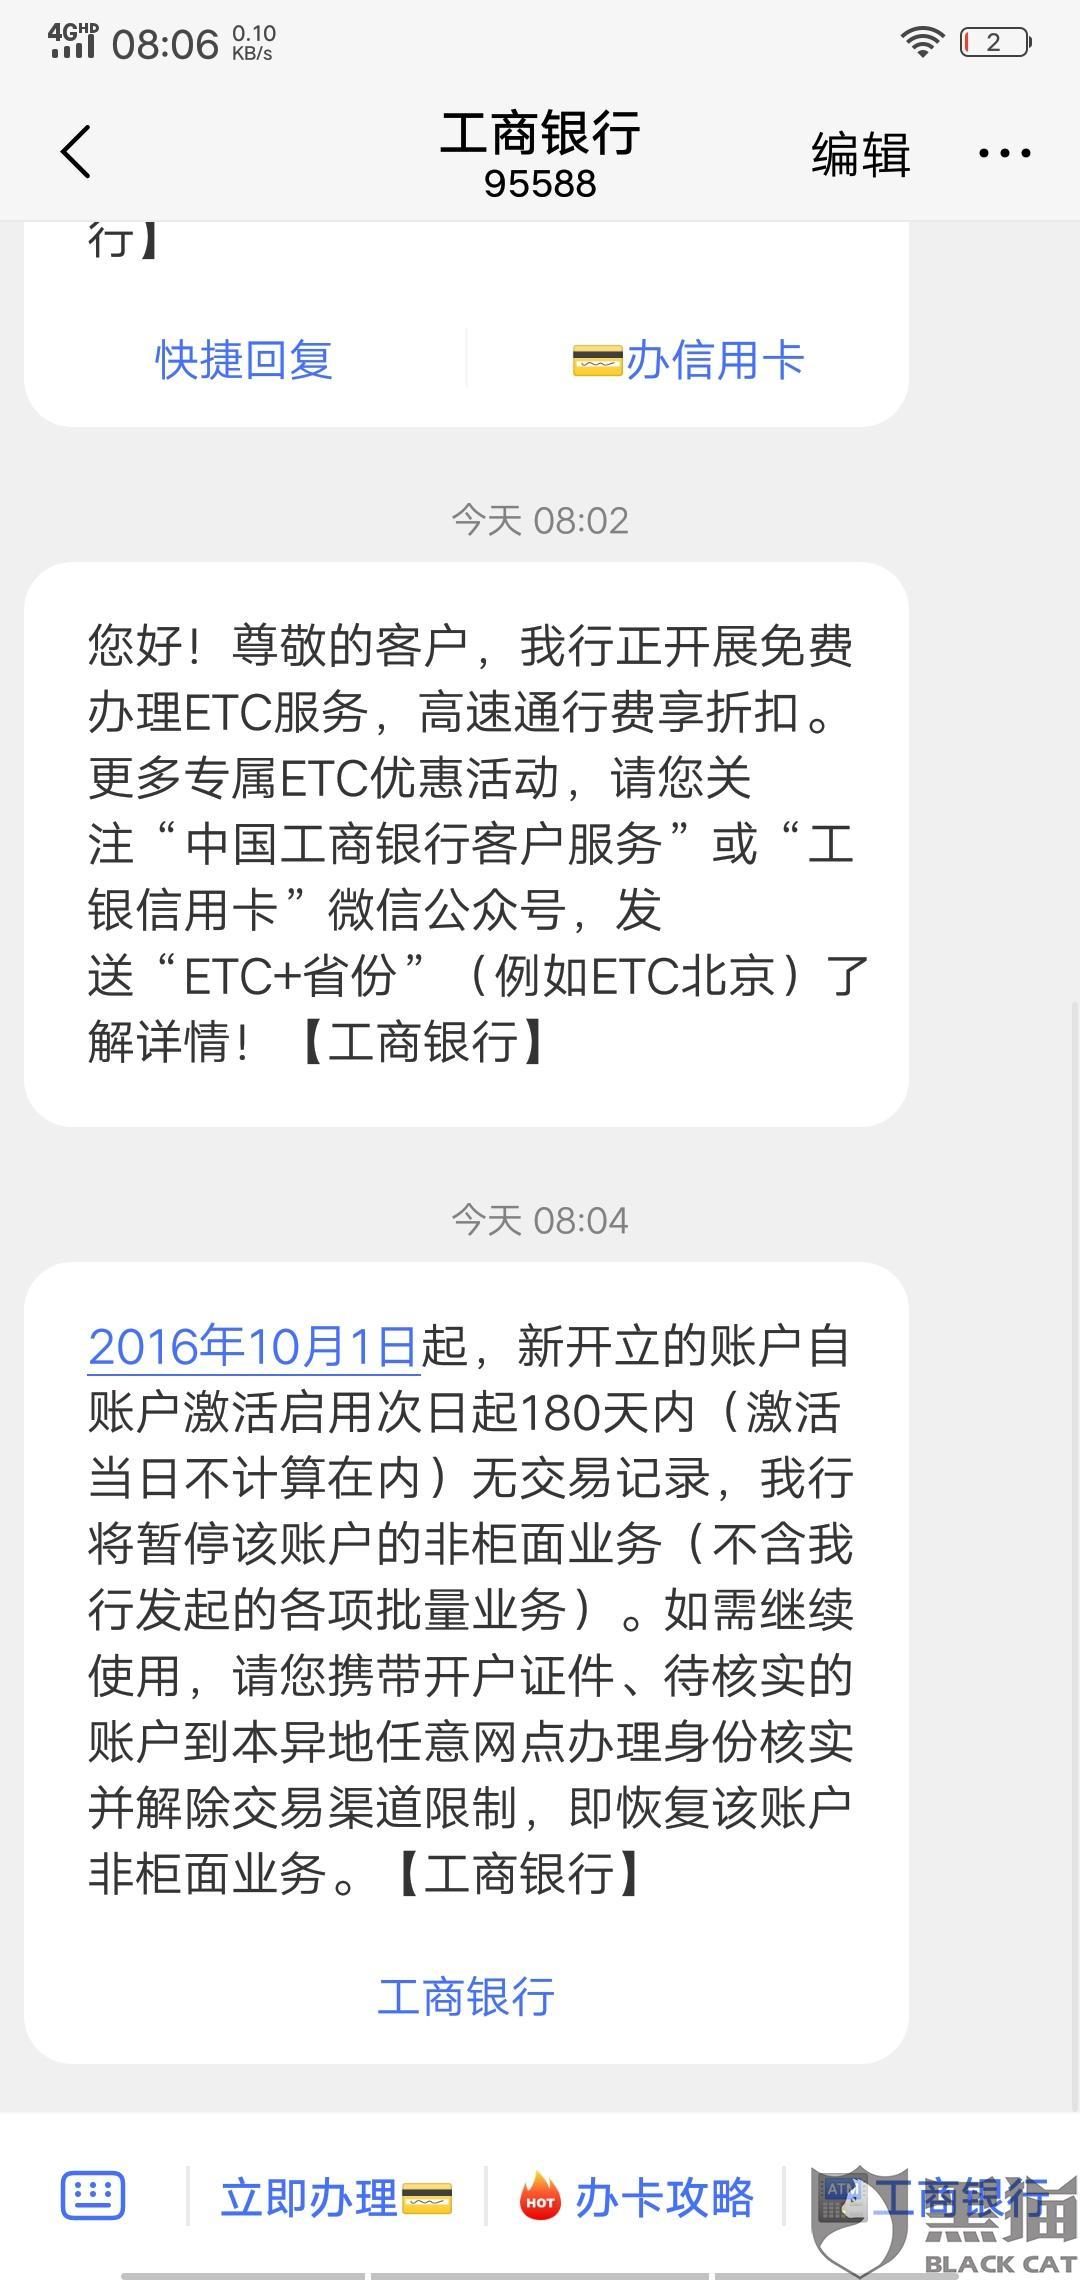 黑猫投诉:今日在万达普惠万e贷借2800迟迟未到帐